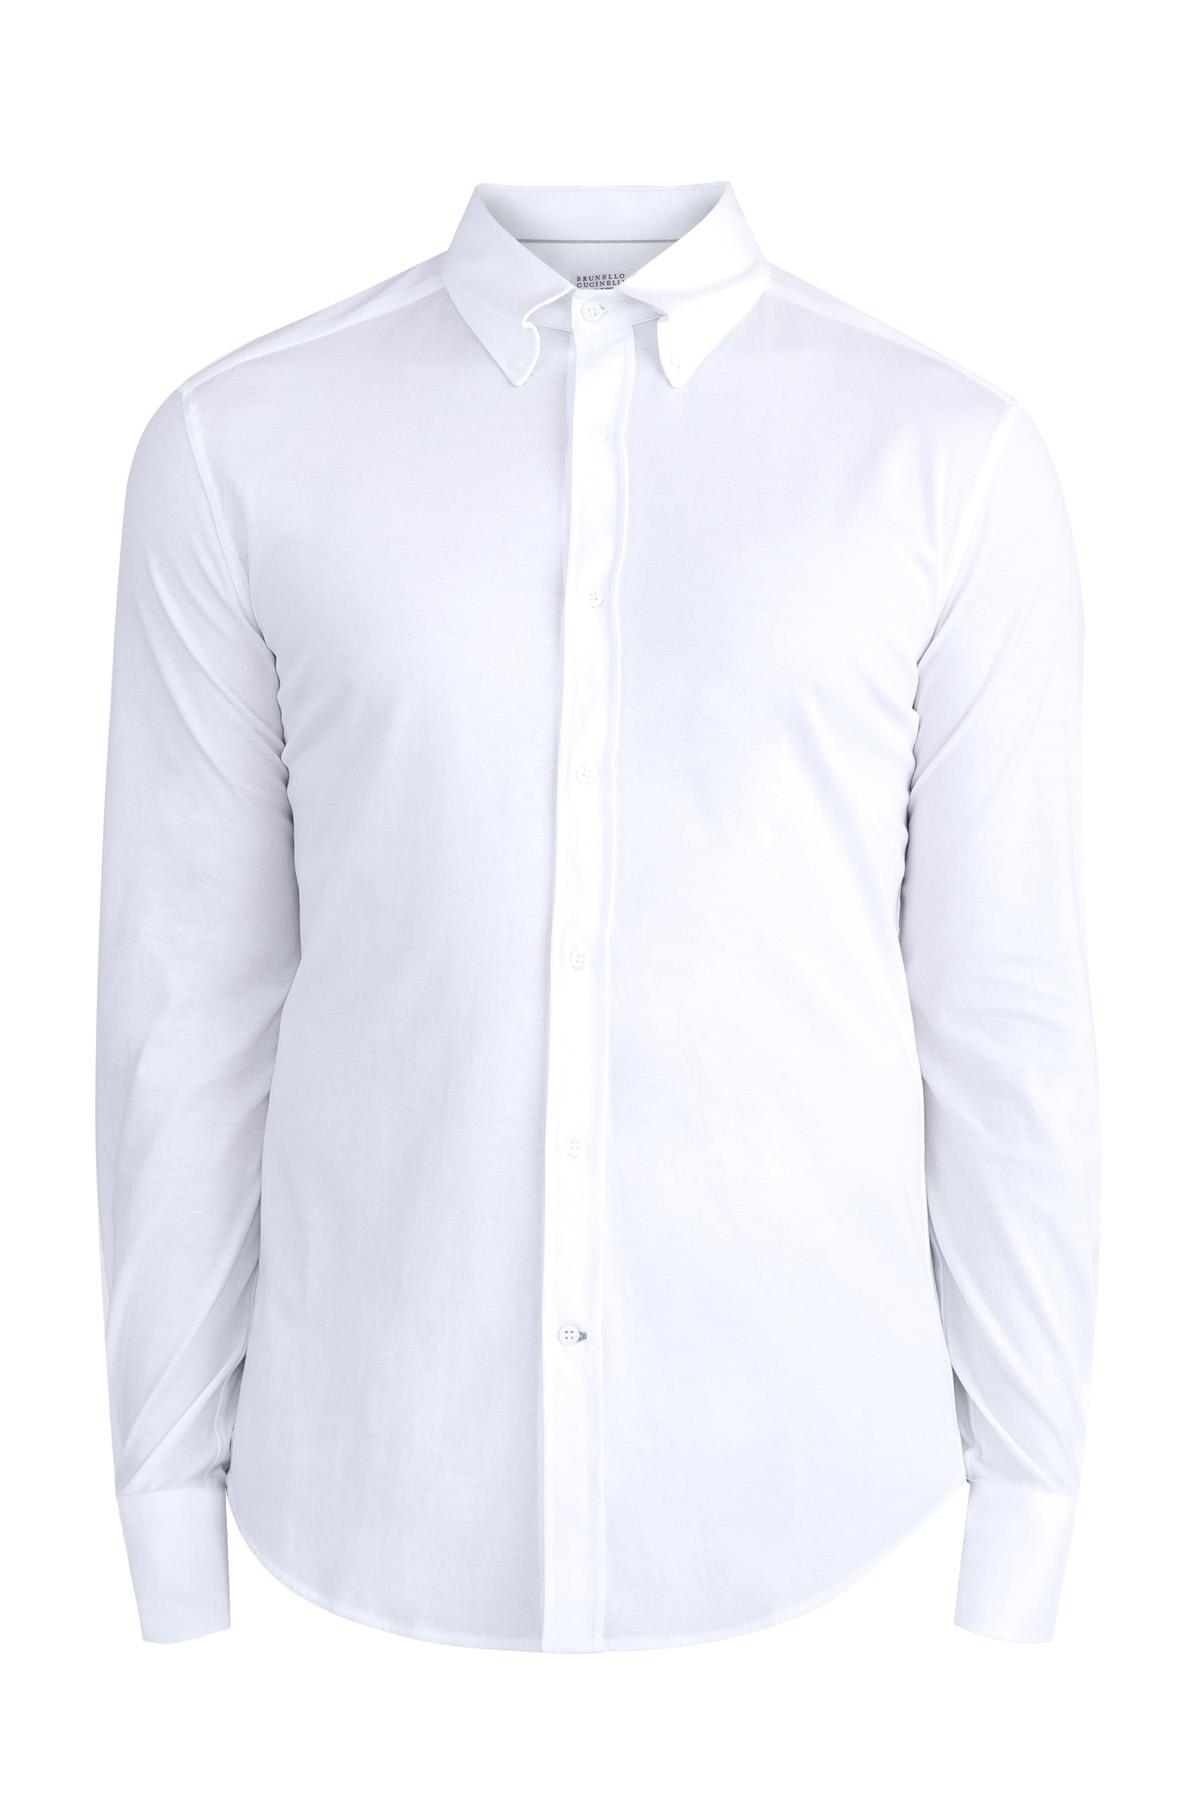 Купить Рубашка с отложным воротником Button Down на пуговицах, BRUNELLO CUCINELLI, Италия, хлопок 100%